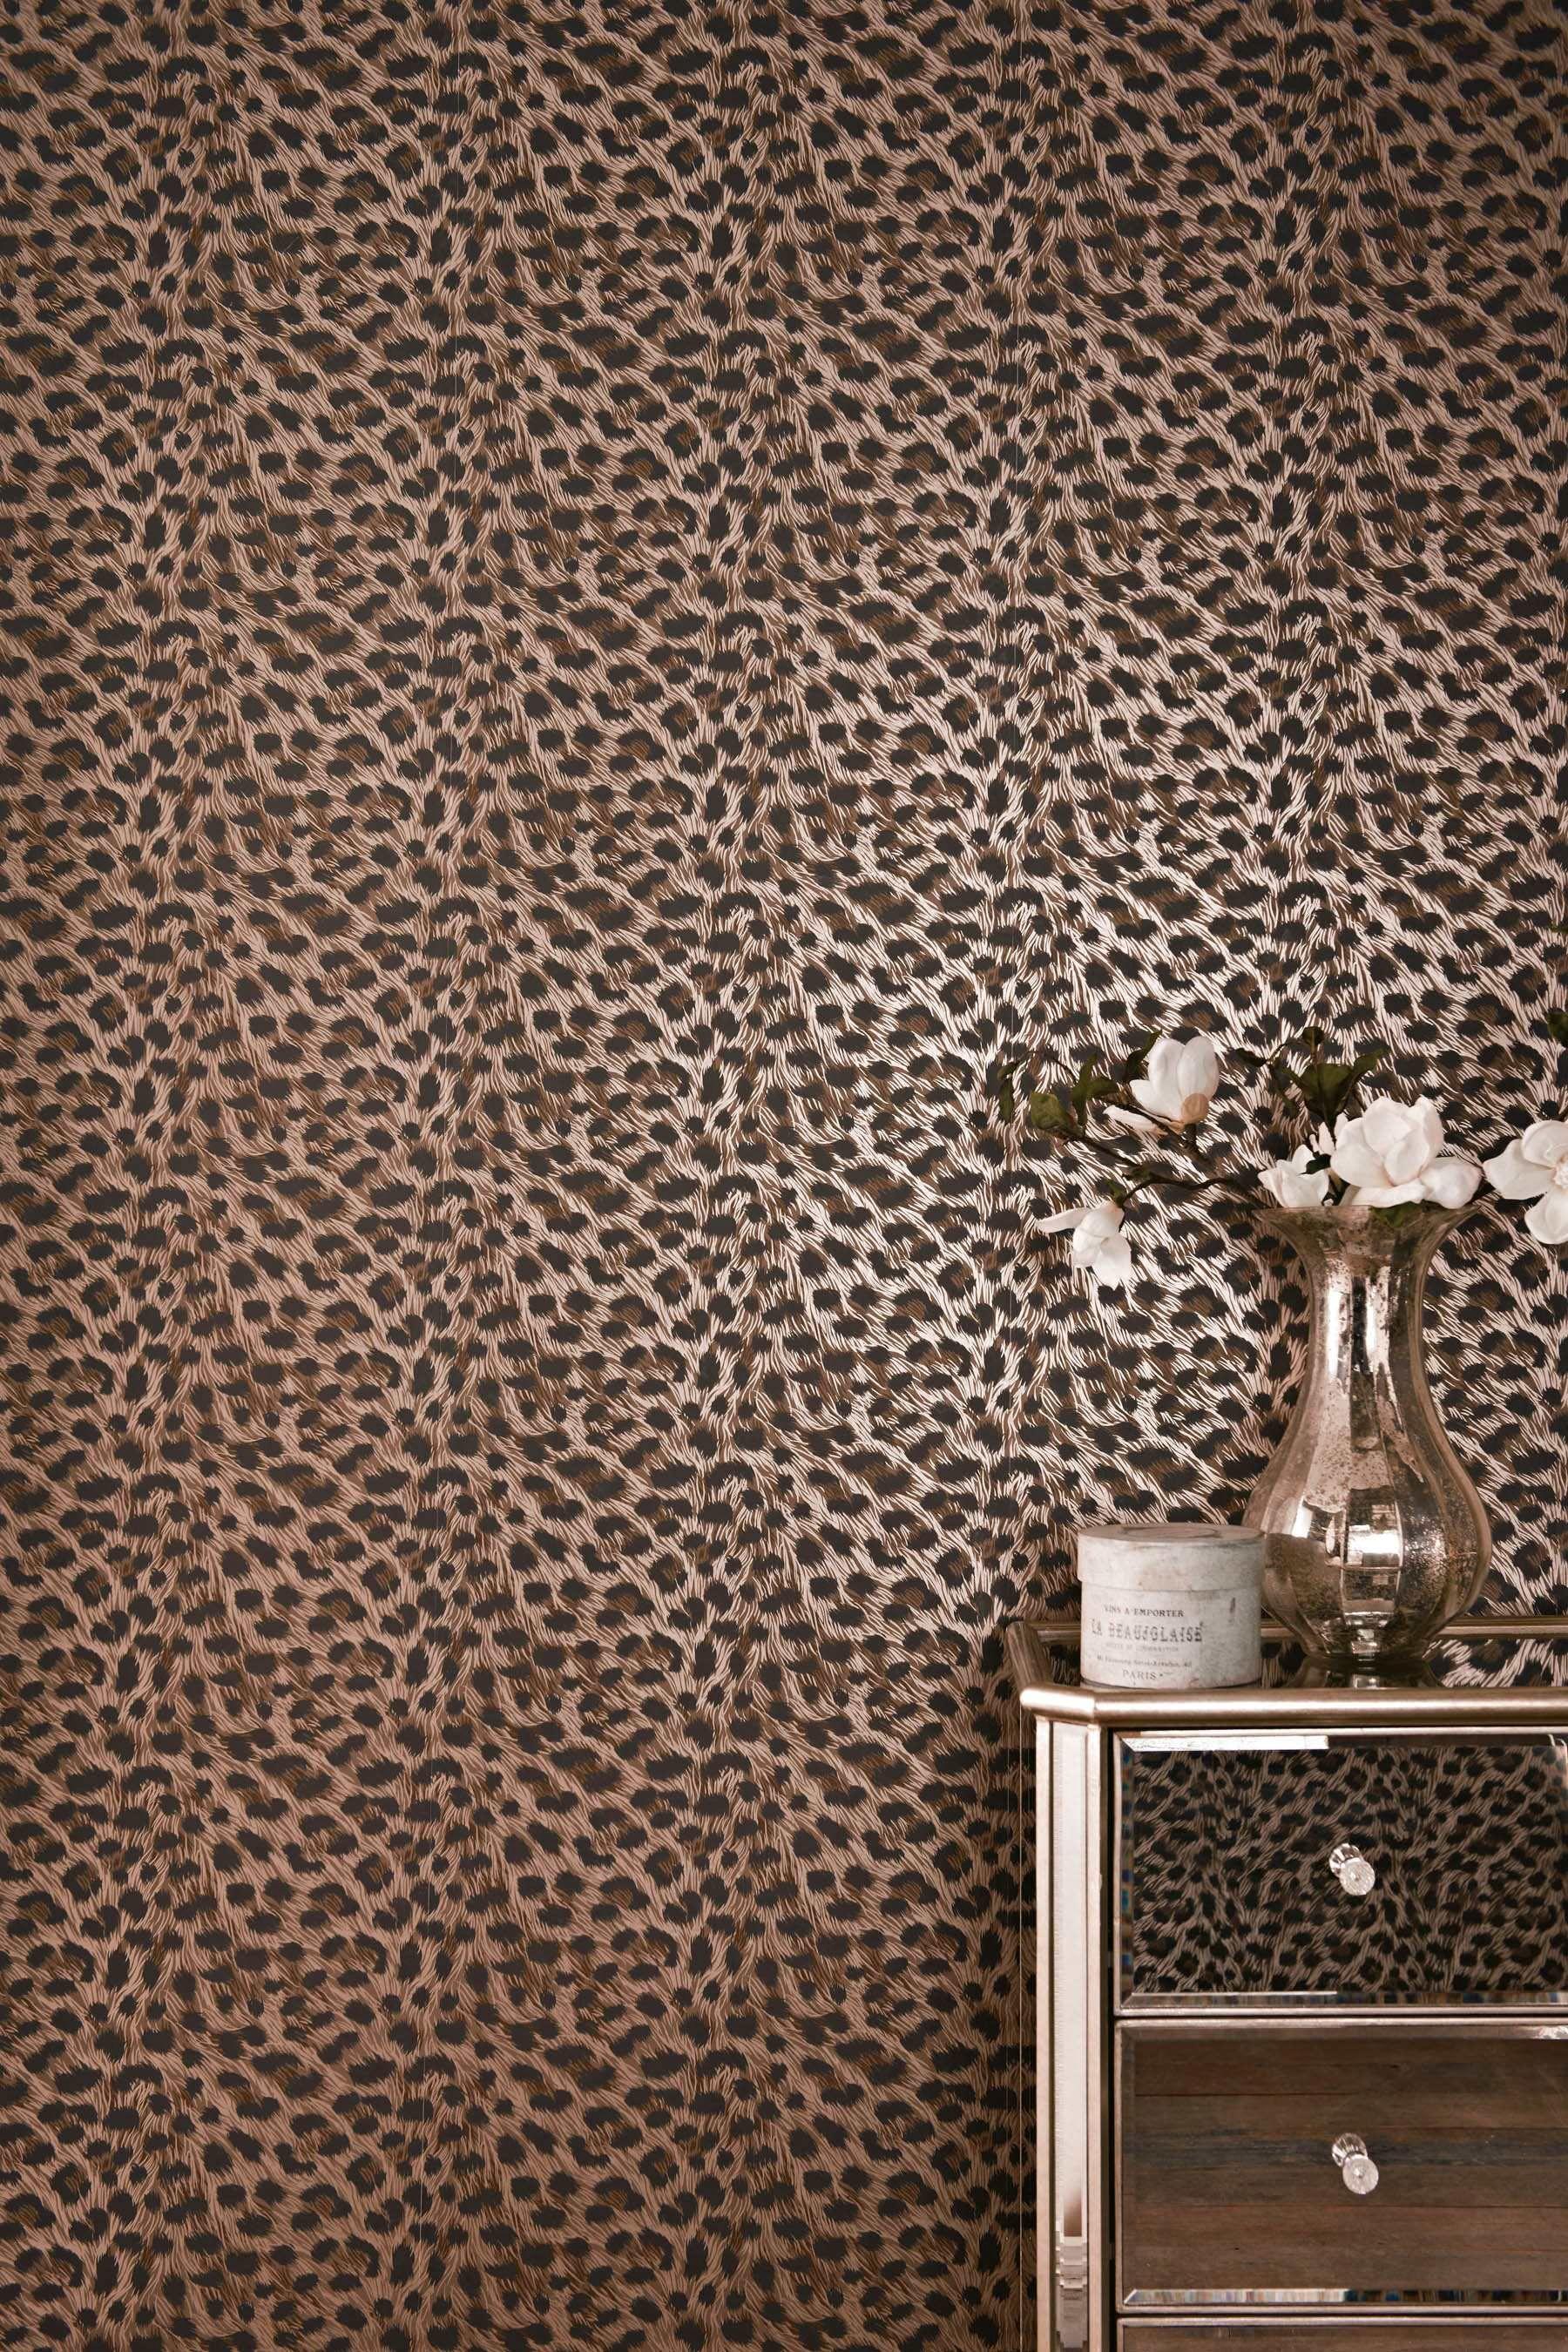 Wallpaper Wednesday: Leopard Print Wallpaper from Next ...